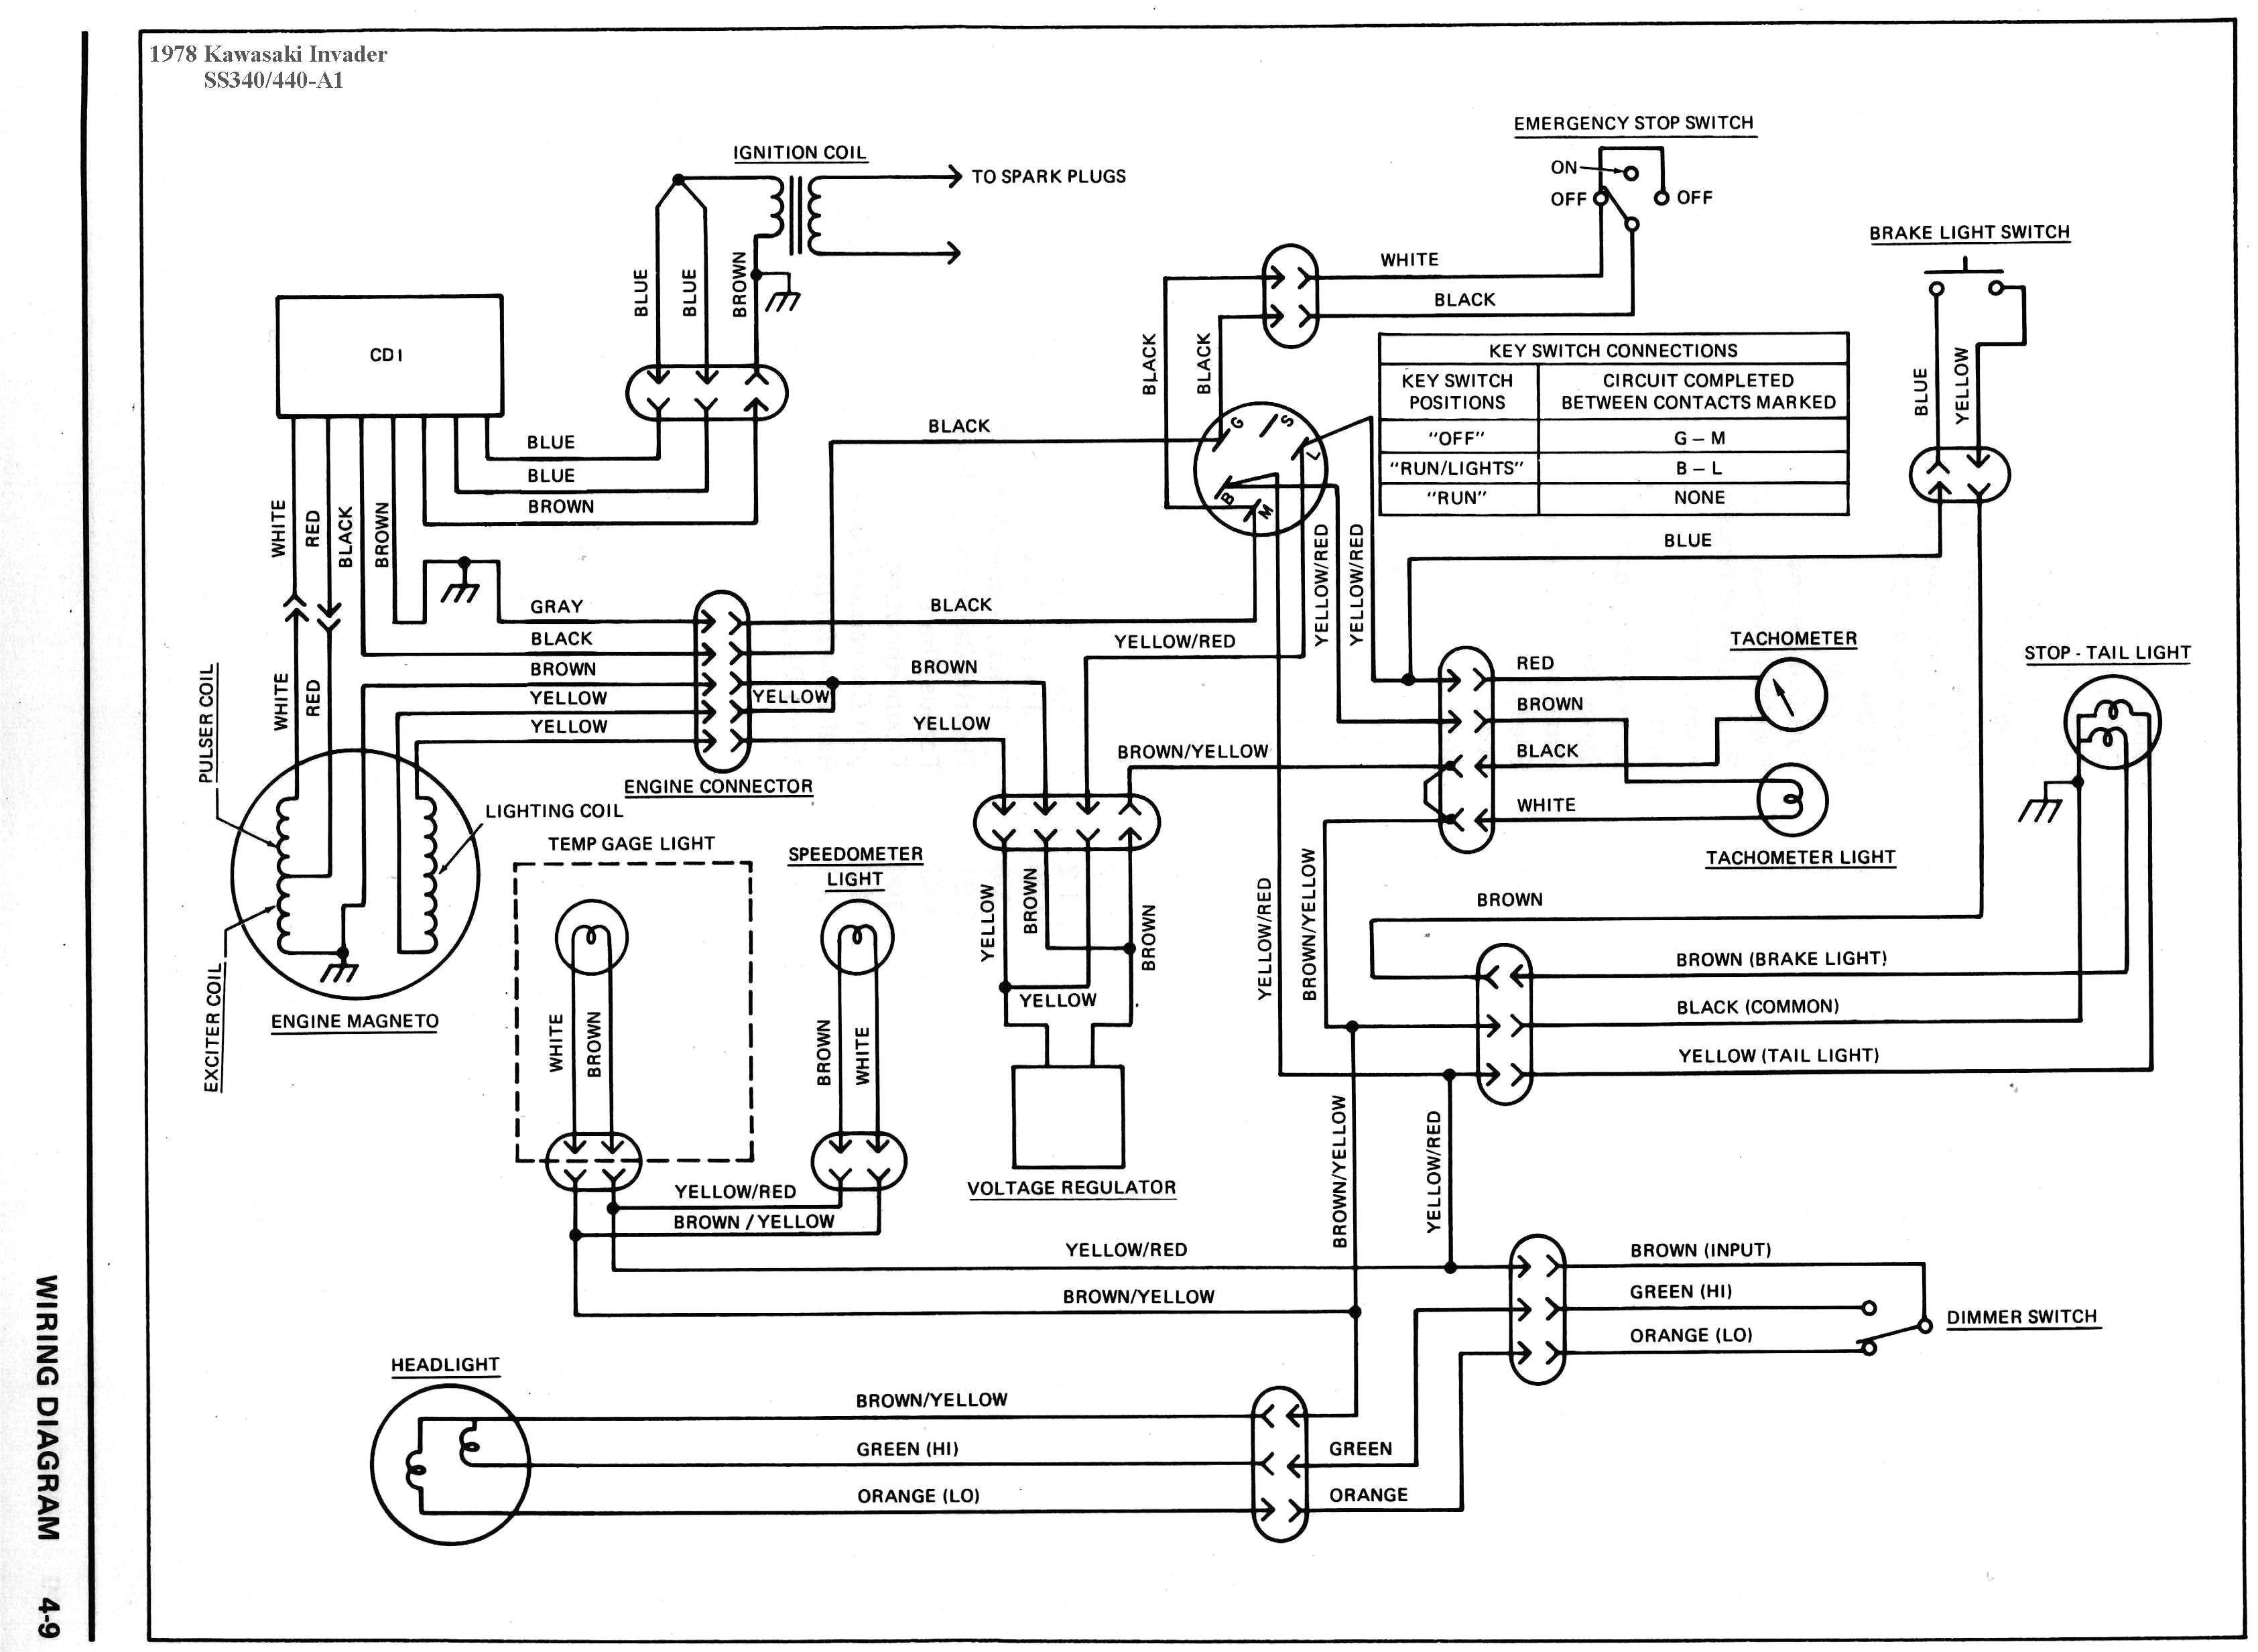 Wiring 08 Ninja Zx6r Tail Light New Diagram Wire Kawasaki